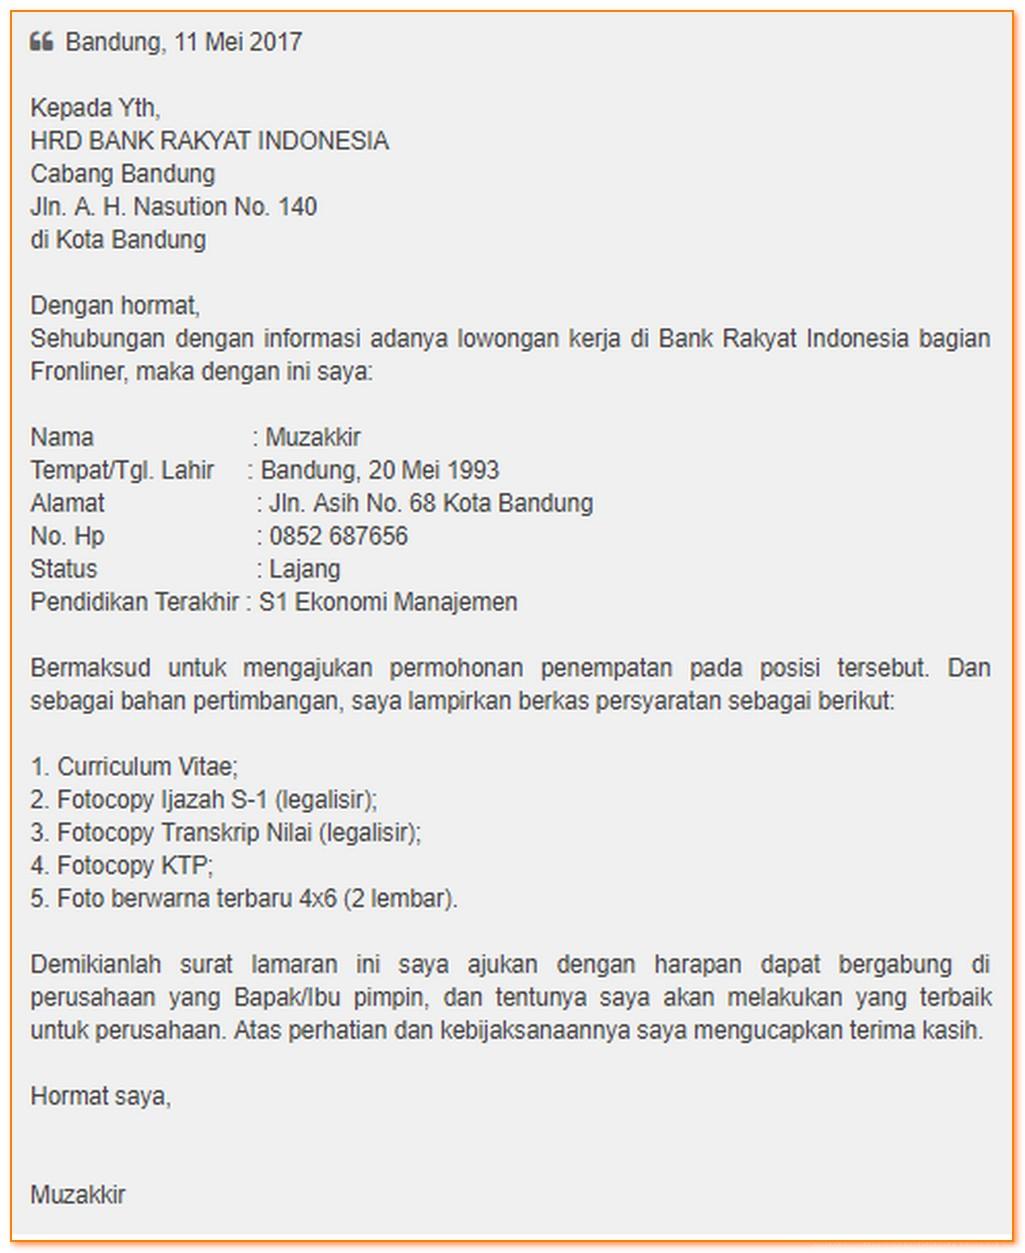 Contoh Surat Lamaran Kerja Di Bank Bri Sebagai Customer Service